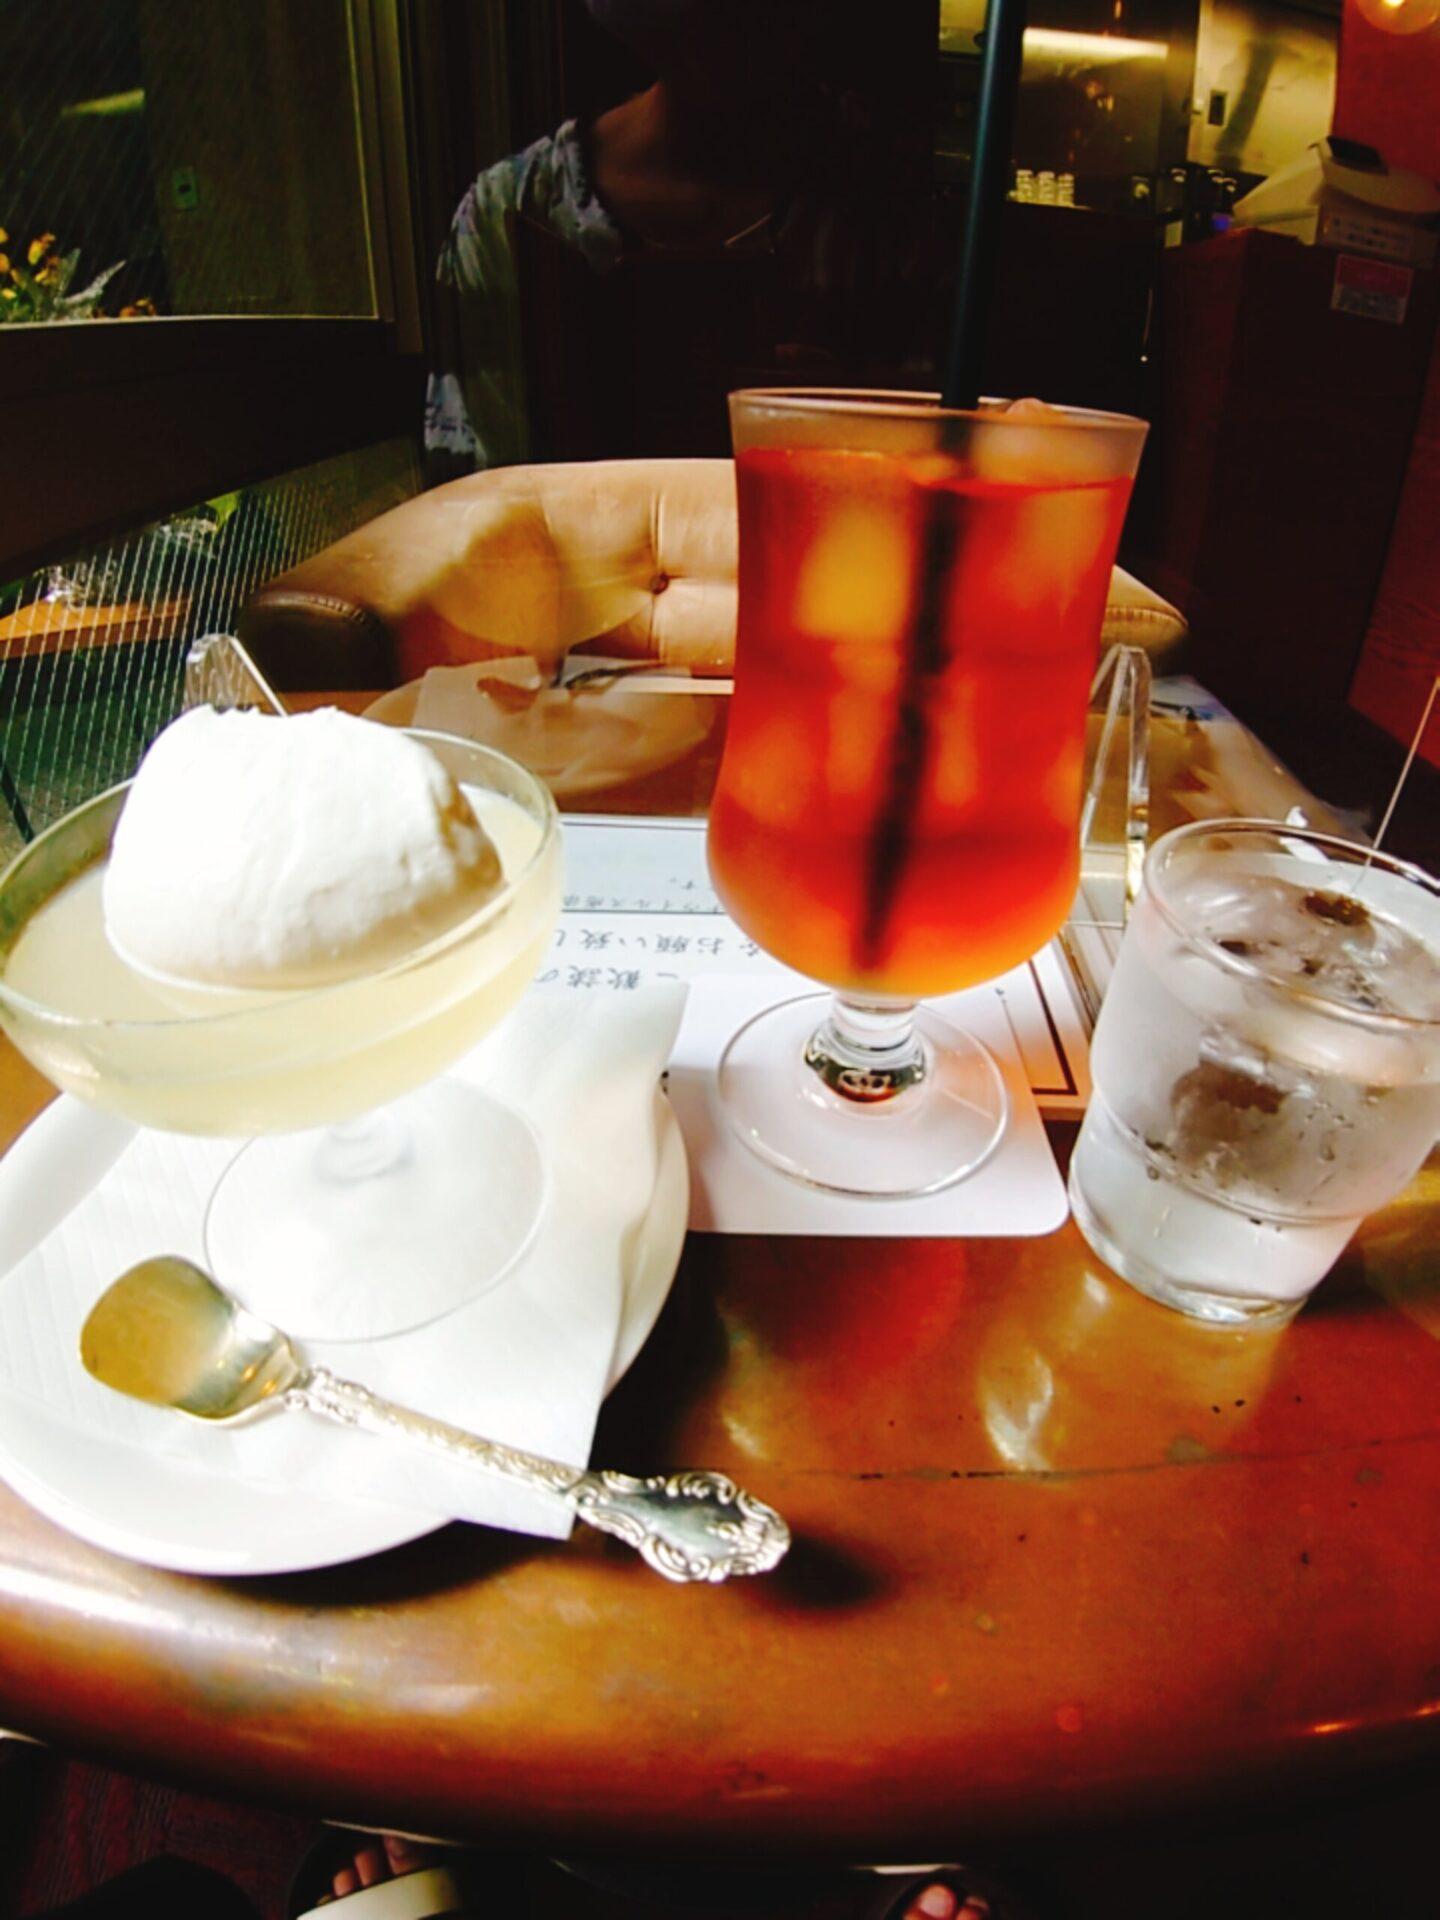 京都,祇園,カフェ,スイーツ,オススメカフェ